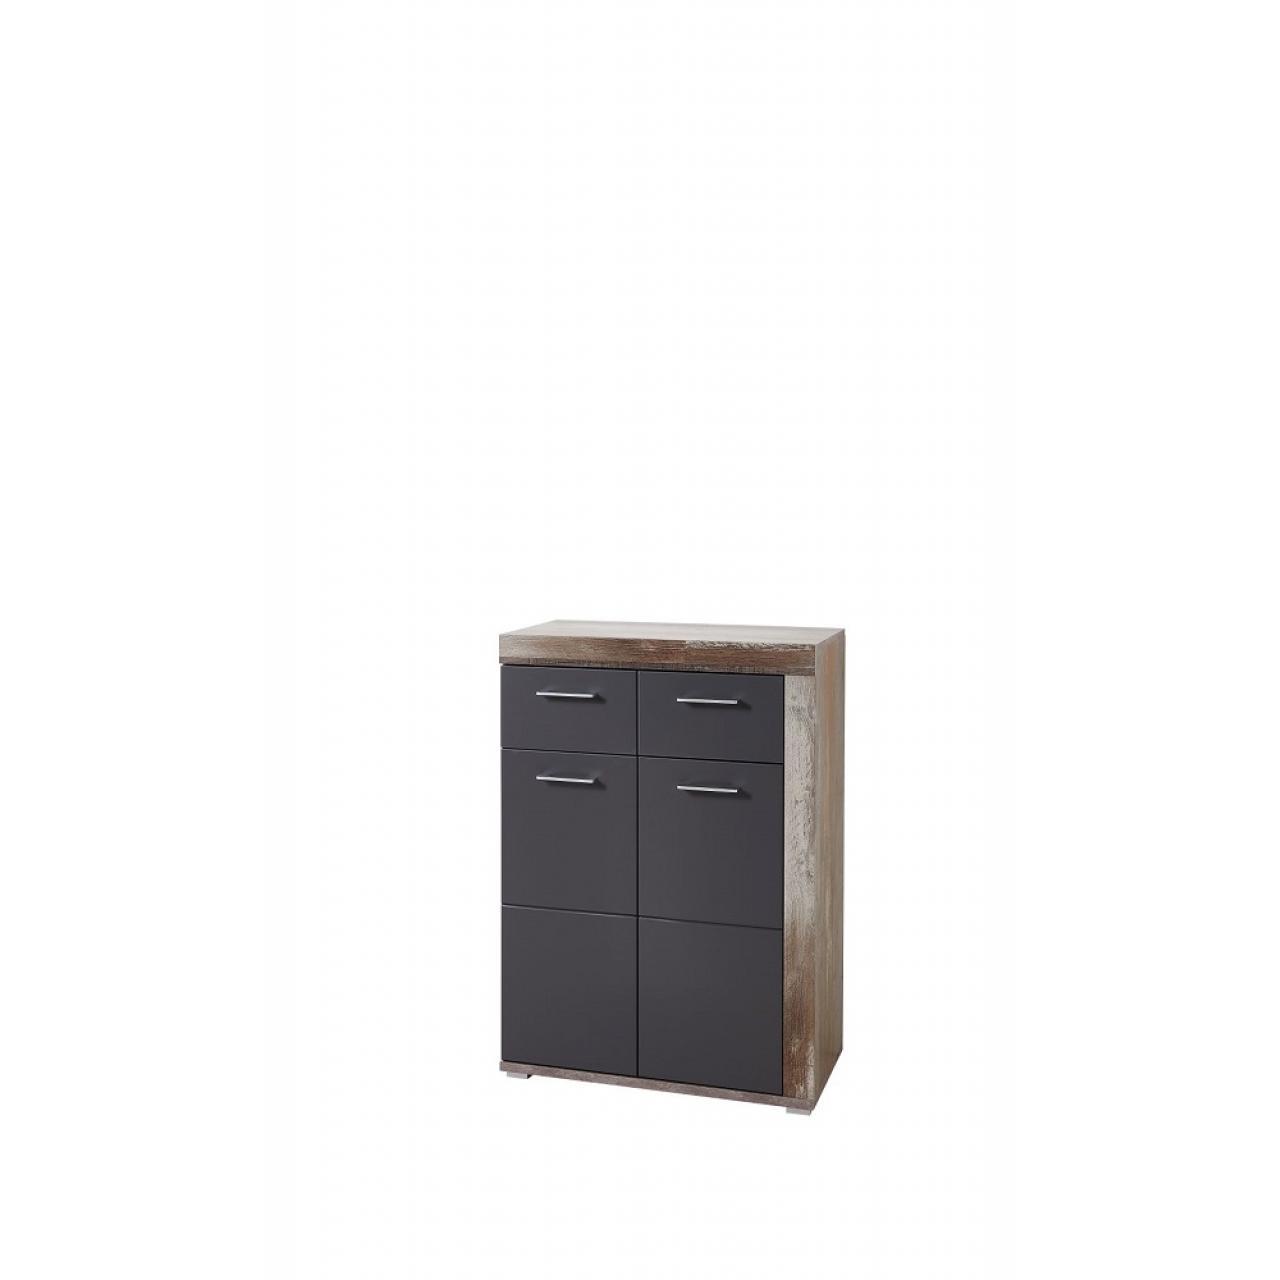 Schuhschrank Crown-X 1Schubkasten 2 Türen Flur Diele Garderobe Driftwood Nb.